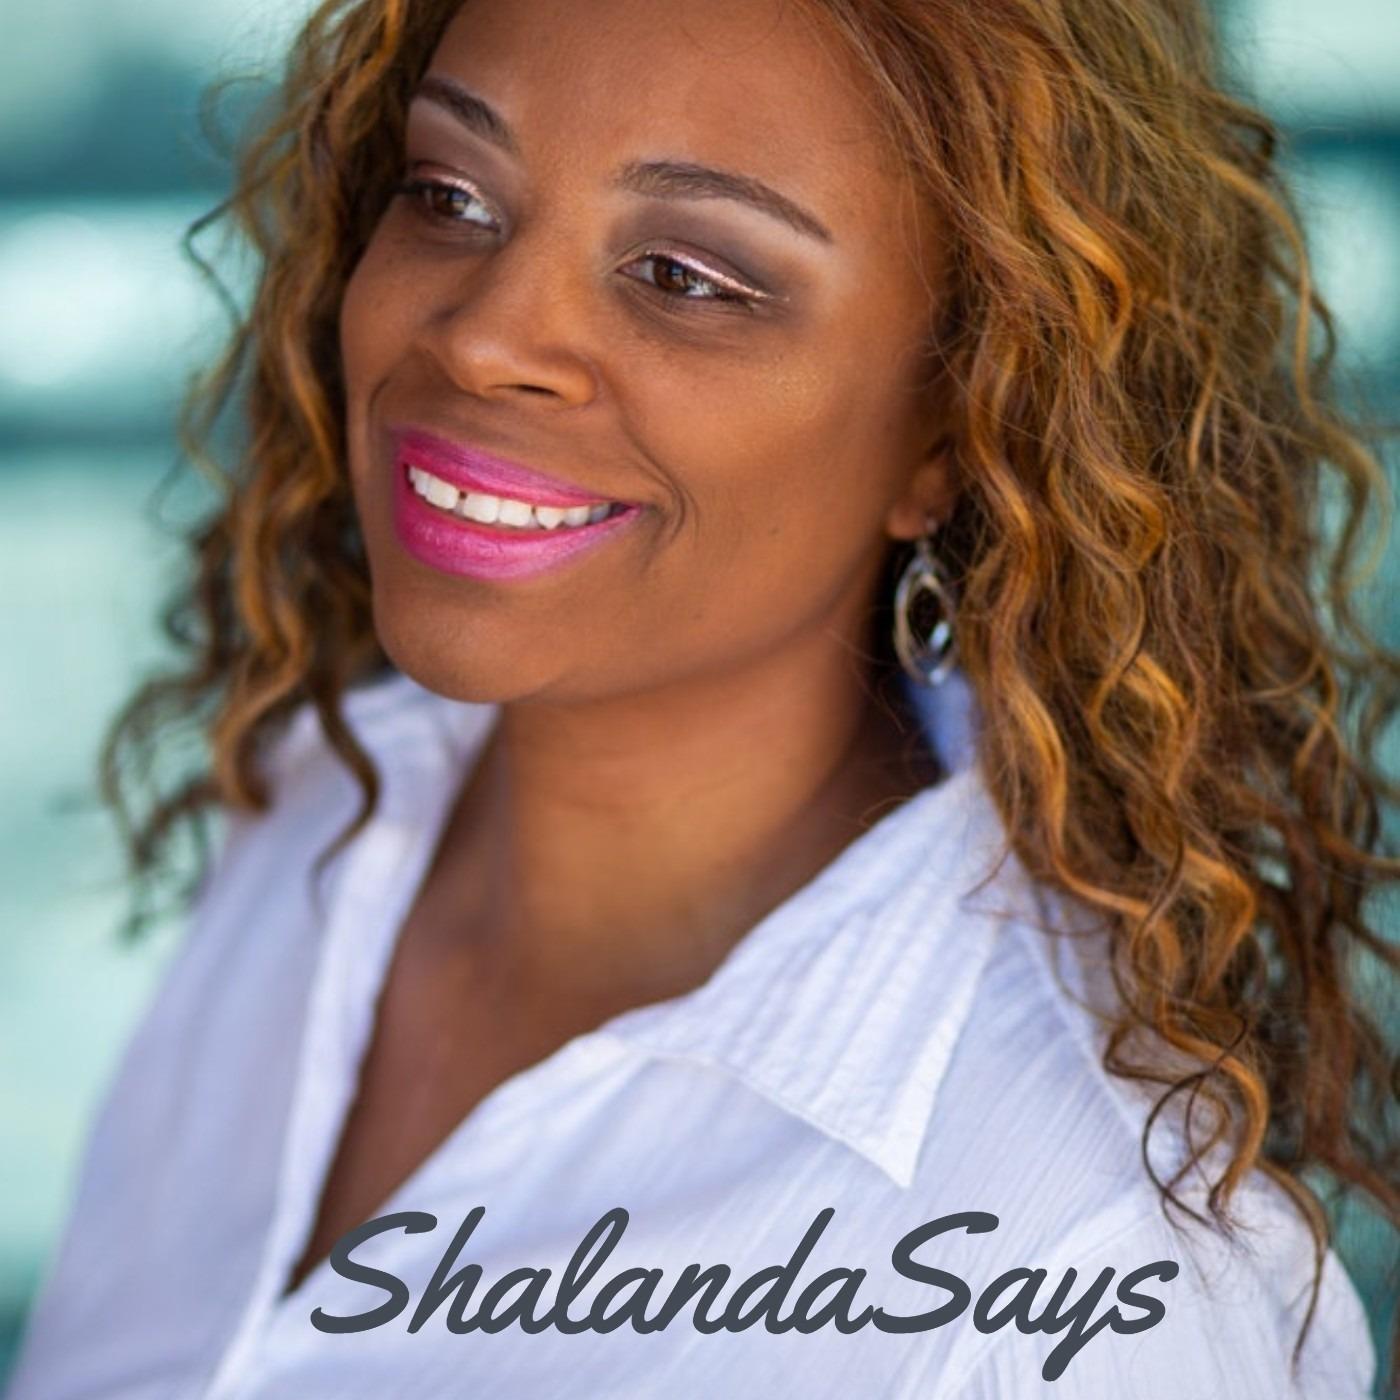 ShalandaSays Meet Dr. Barbara Cox